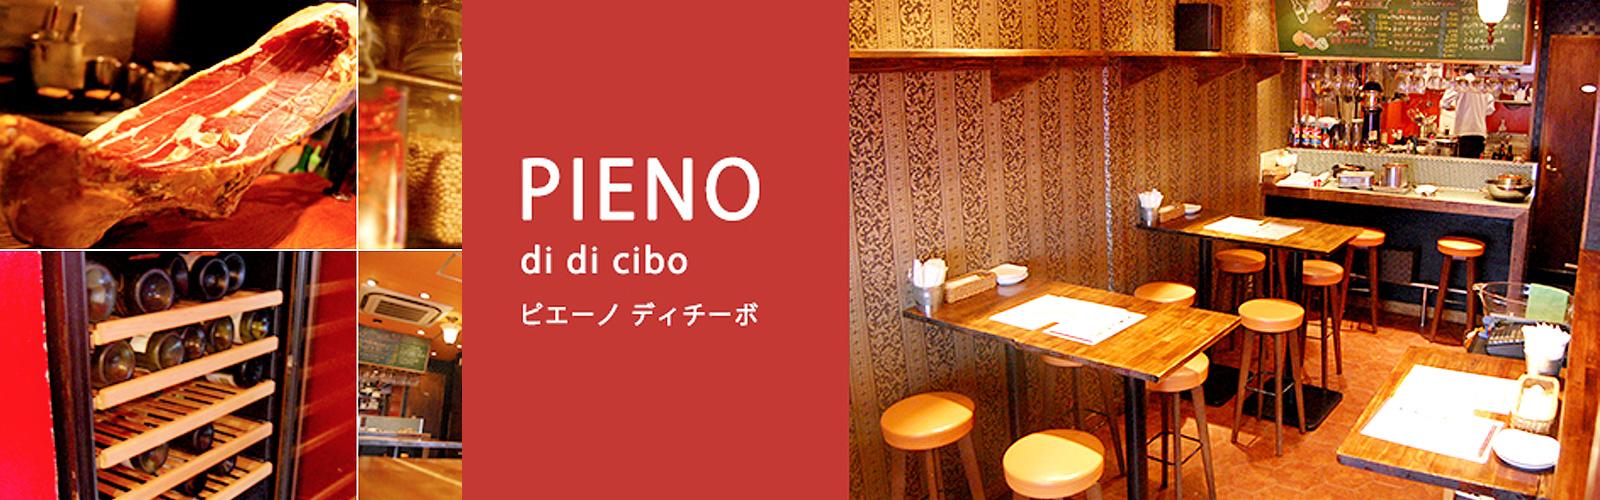 Italian Bar PIENO di cibo ピエーノ デチーボ(大阪・なんば)